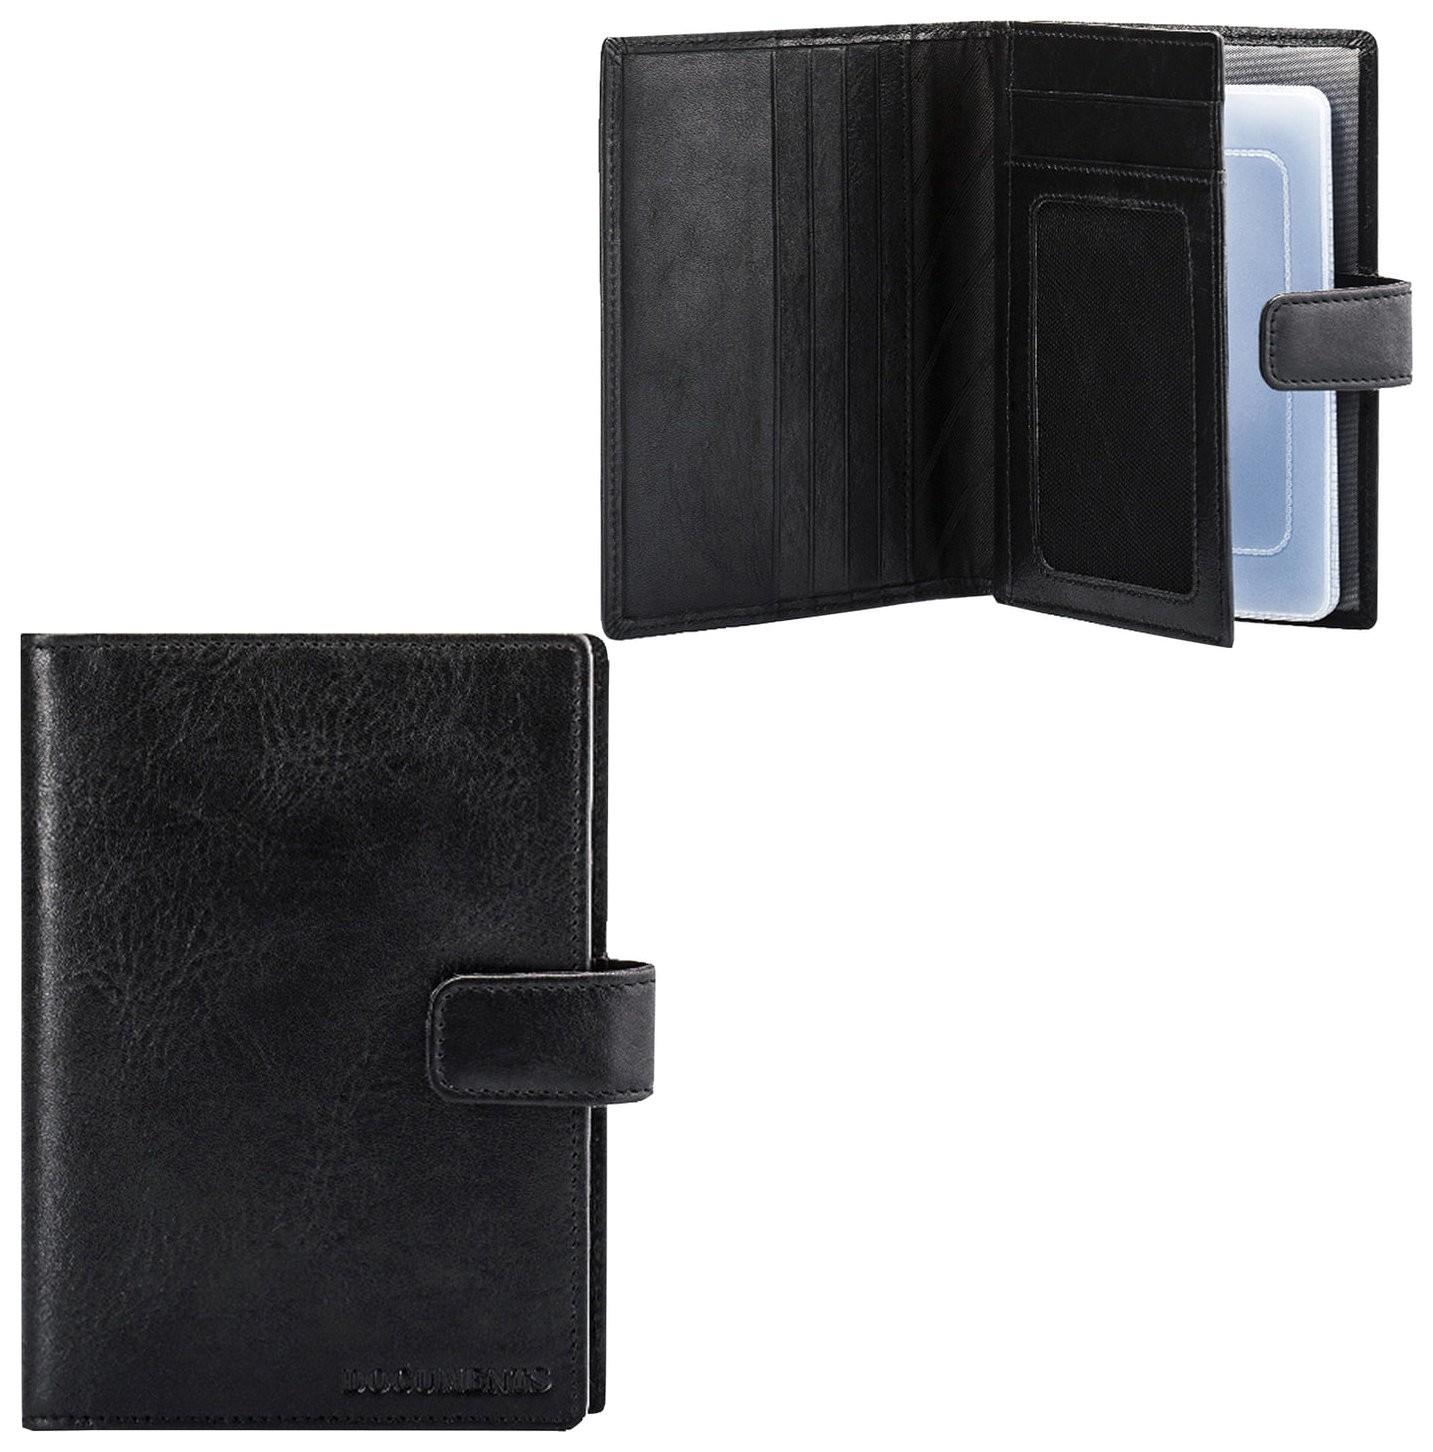 """Бумажник водителя Fabula """"Estet"""", натуральная кожа, тиснение, 6 пластиковых карманов, кнопка, черный, Bv.7. MN  Fabula"""